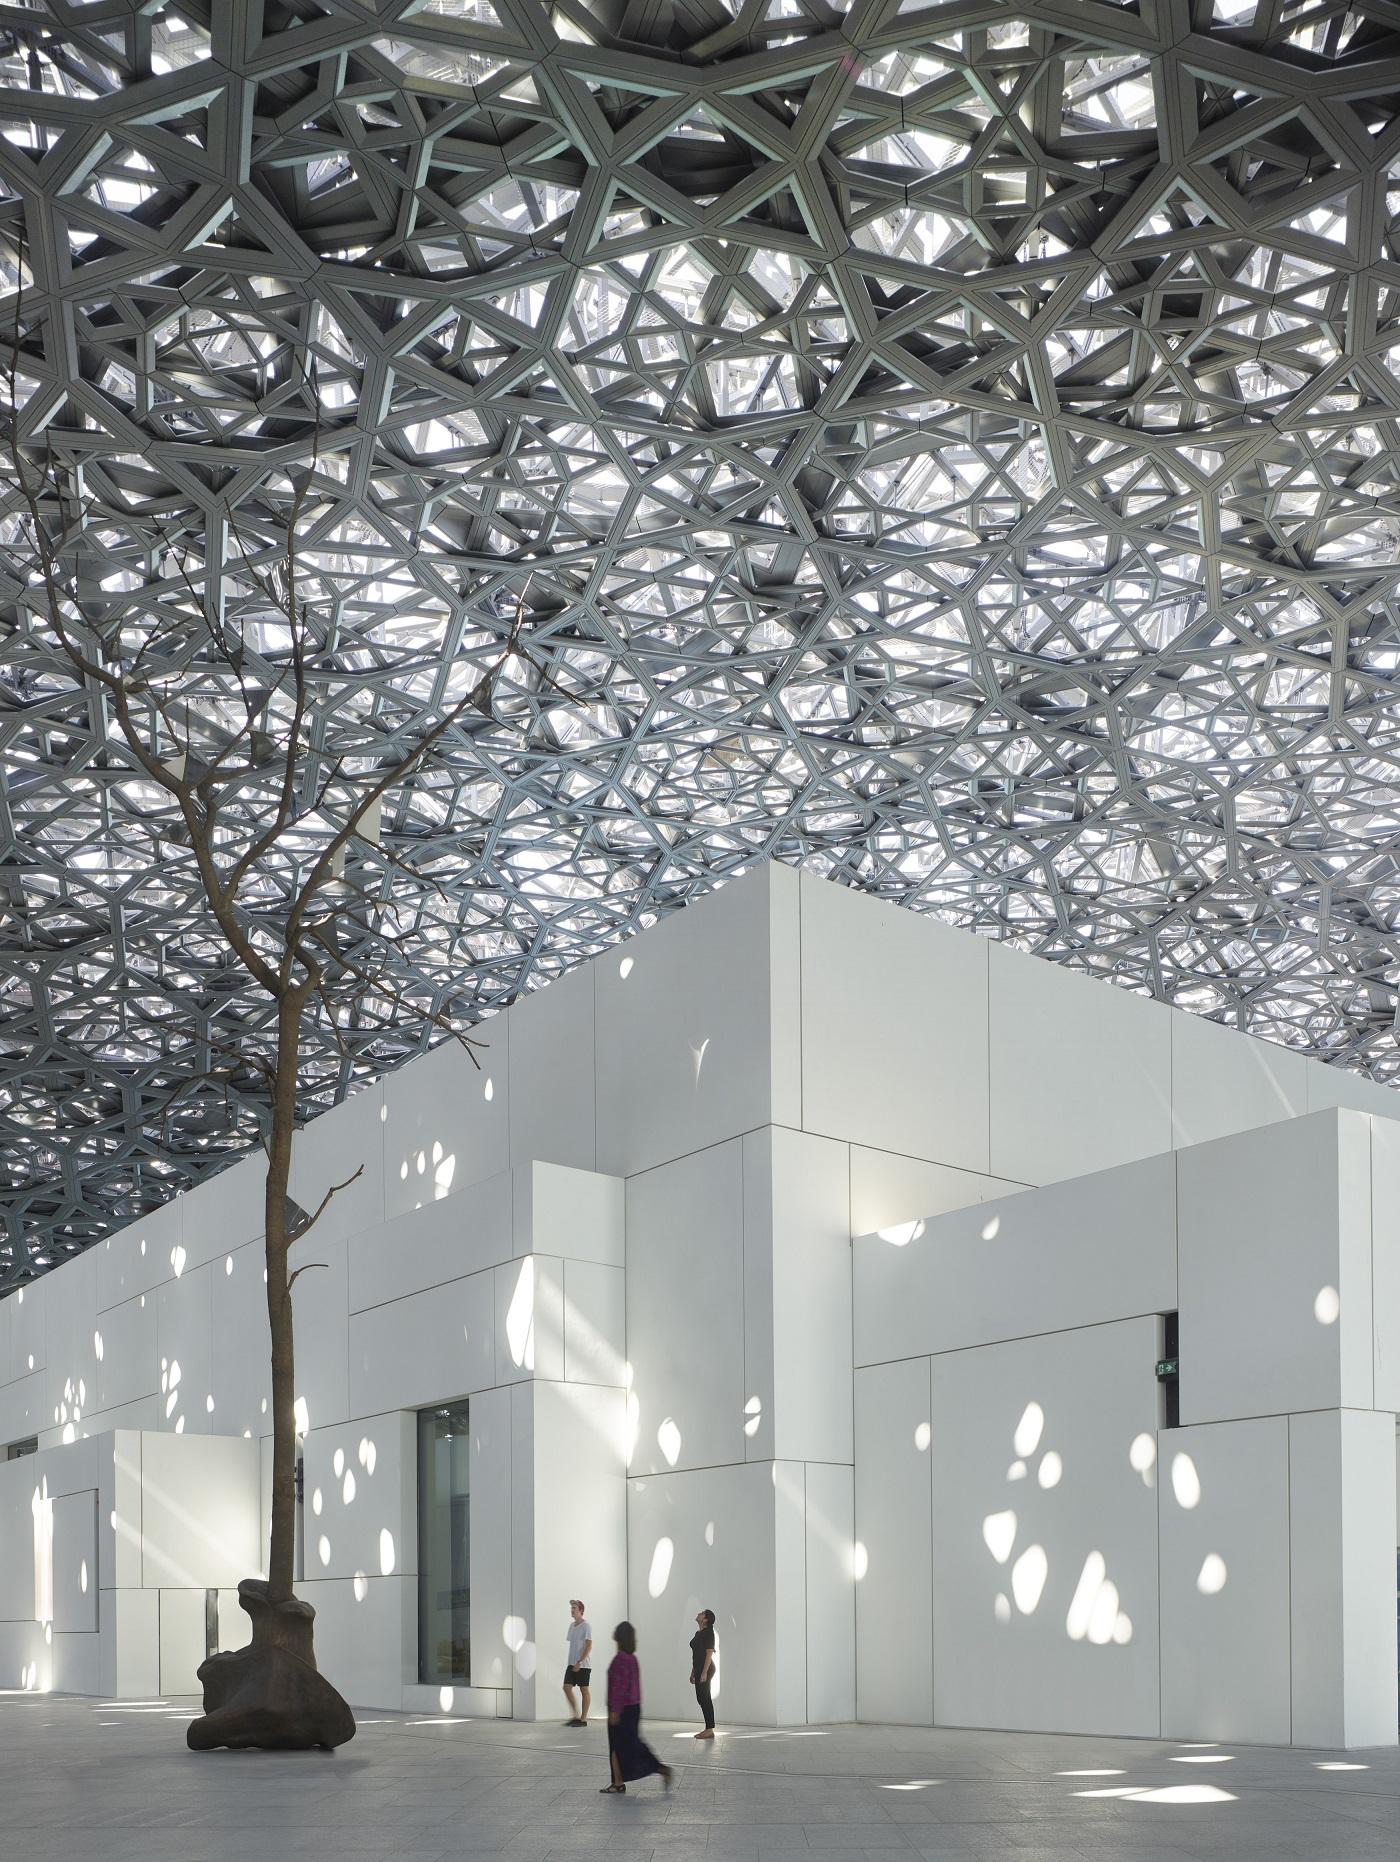 """دائرة الثقافة والسياحة أبوظبي تطلق برنامج """"خبراء أبوظبي"""" في 17 دولة"""